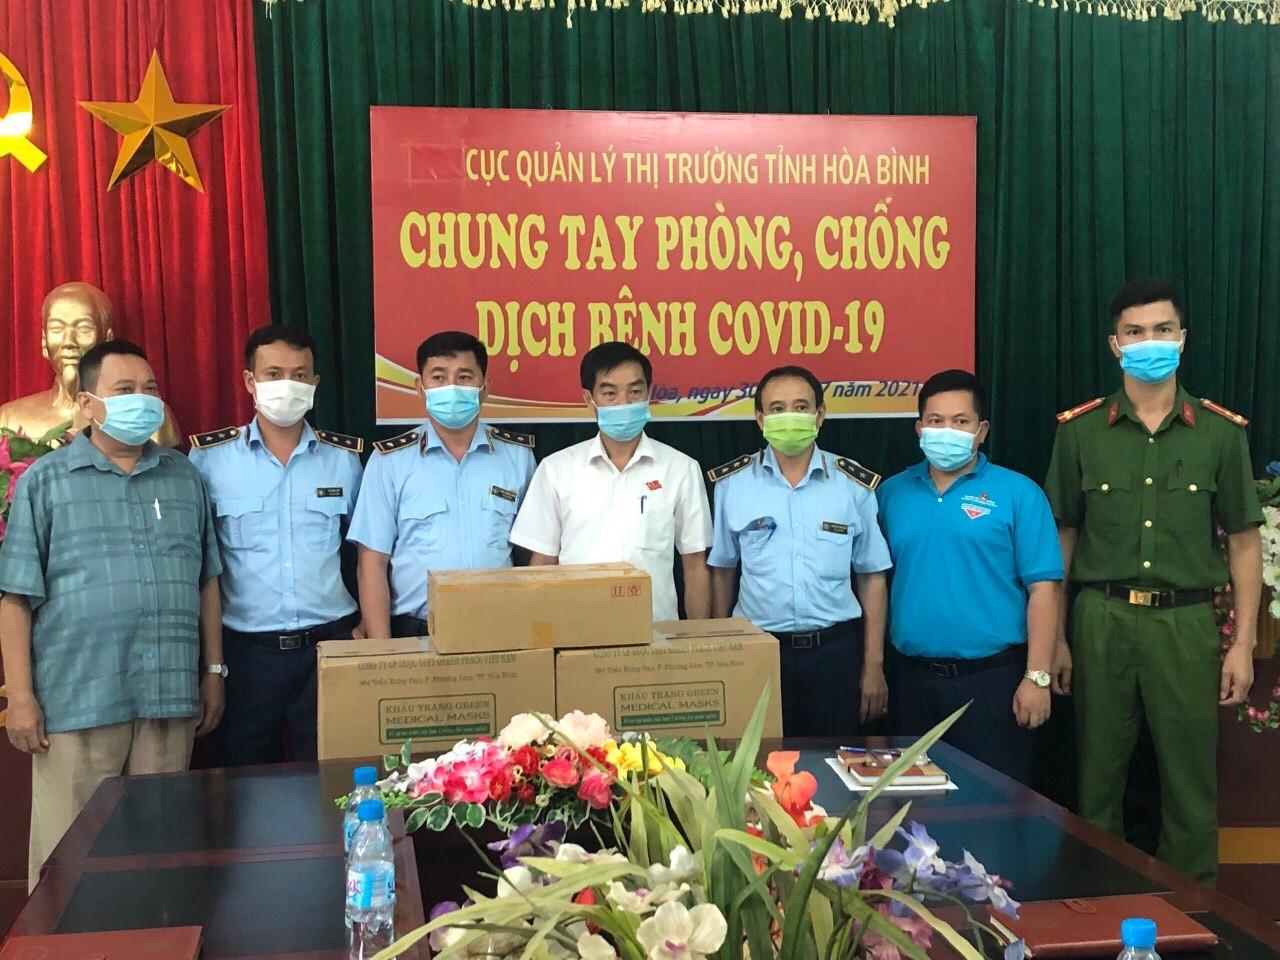 Lực lượng Quản lý thị trường tỉnh Hoà Bình chung tay đẩy lùi dịch bệnh Covid-19